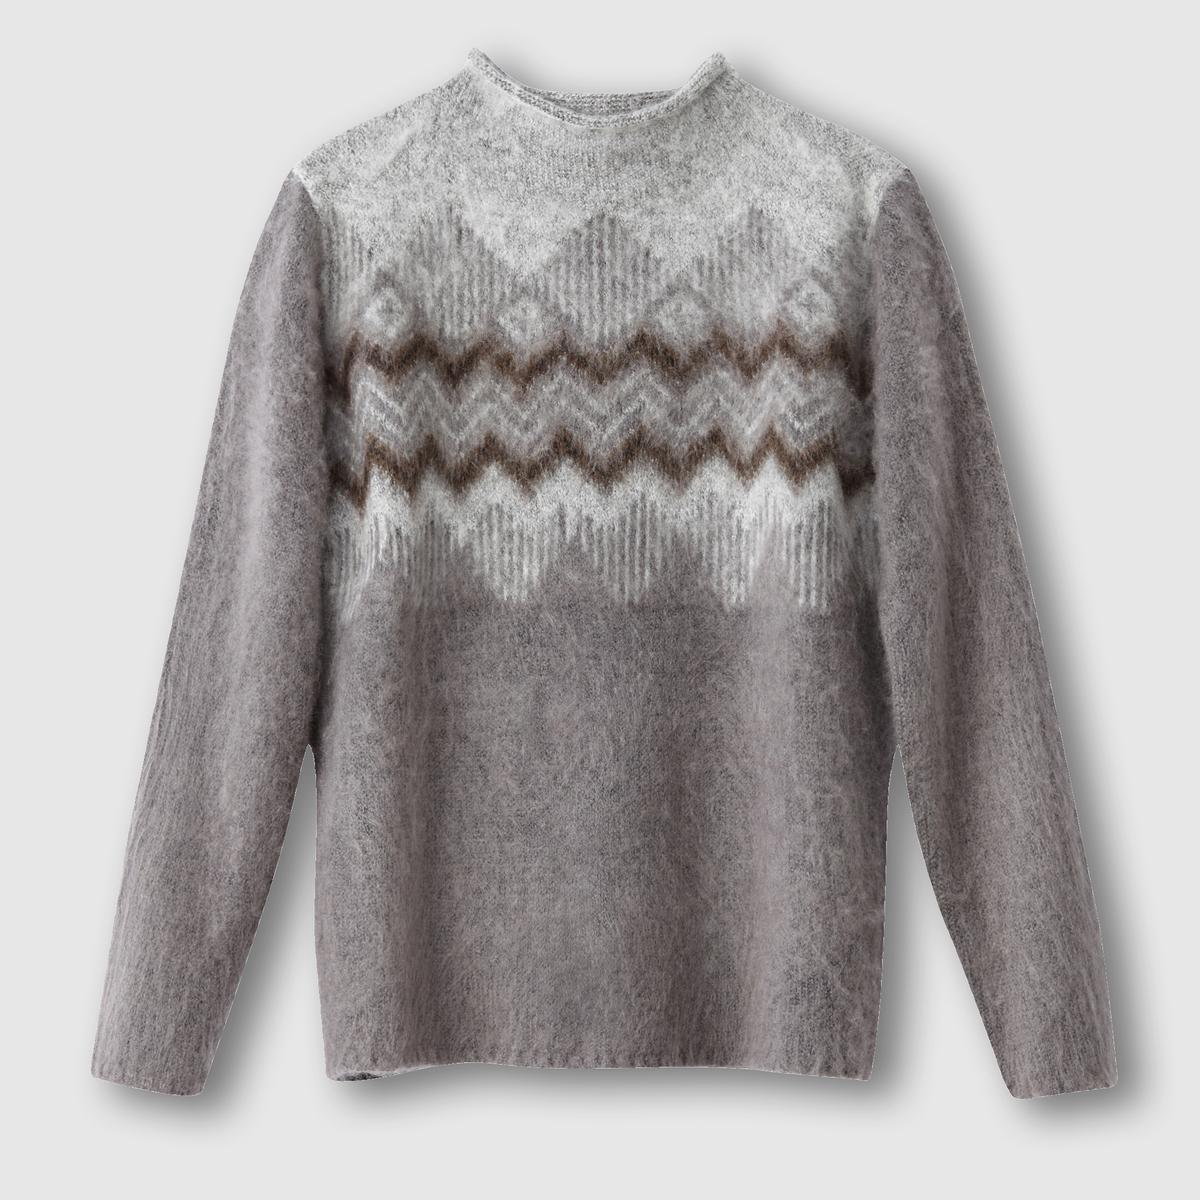 Пуловер с отворачивающимся воротником OTINE SWEATERПуловер OTINE SWEATER от B.YOUNG   . Пуловер комфортного прямого покроя. Длинные рукава. Отворачивающийся воротник. Состав и описание :Материал : 58% акрила, 32% полиэстера, 100% шерсти Марка : B.YOUNG<br><br>Цвет: антрацит/меланж<br>Размер: XS